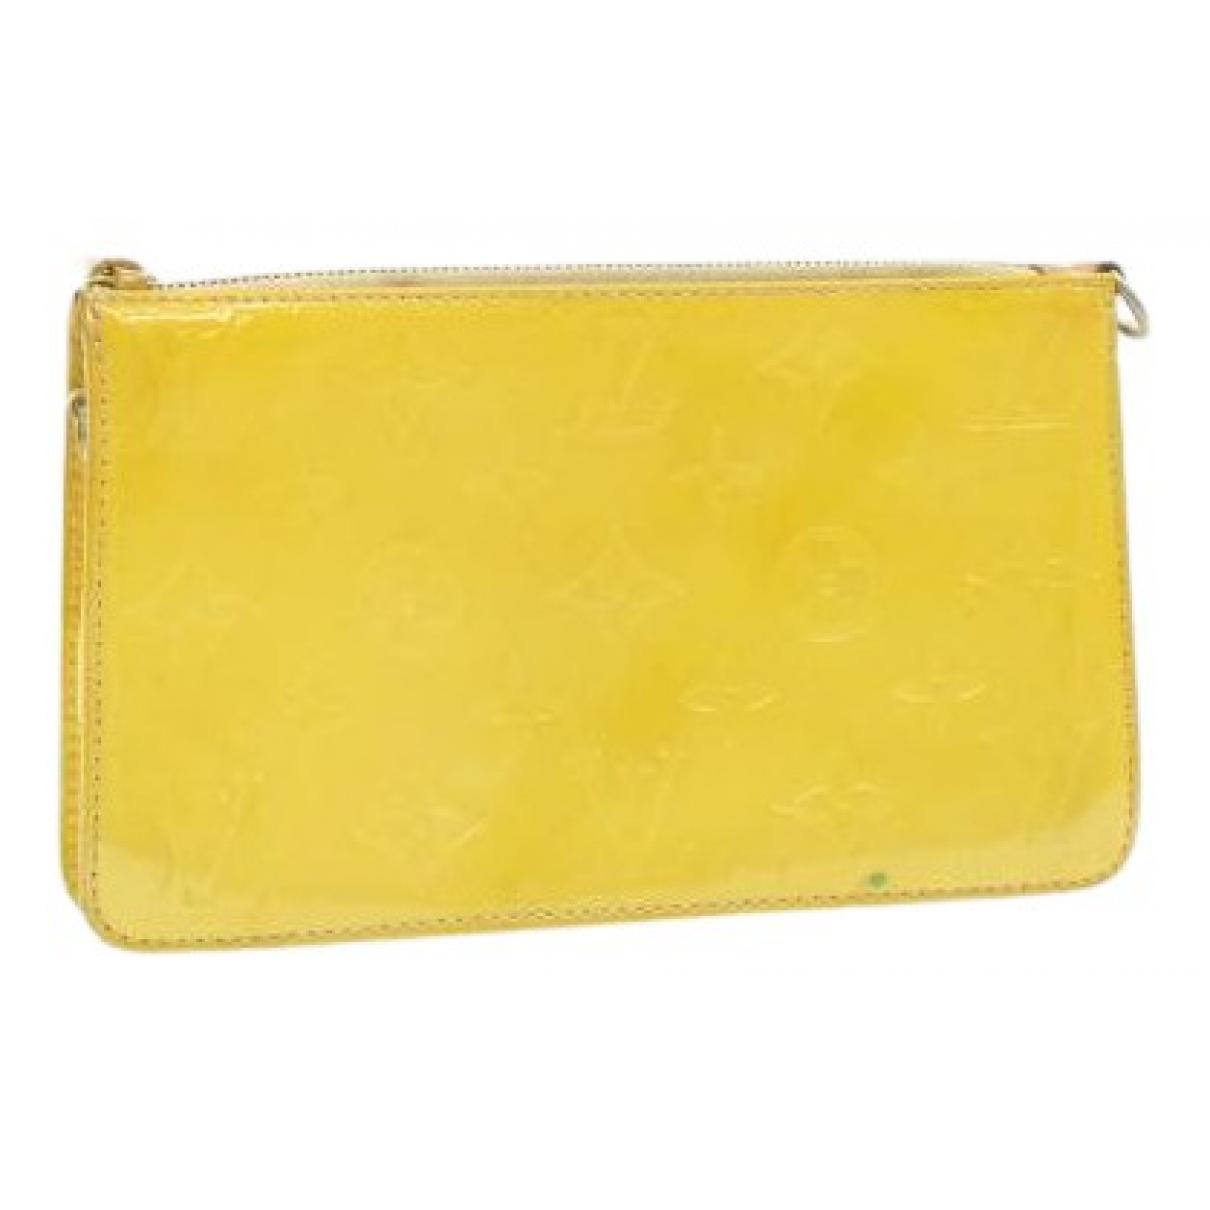 Louis Vuitton \N Clutch in  Gelb Lackleder